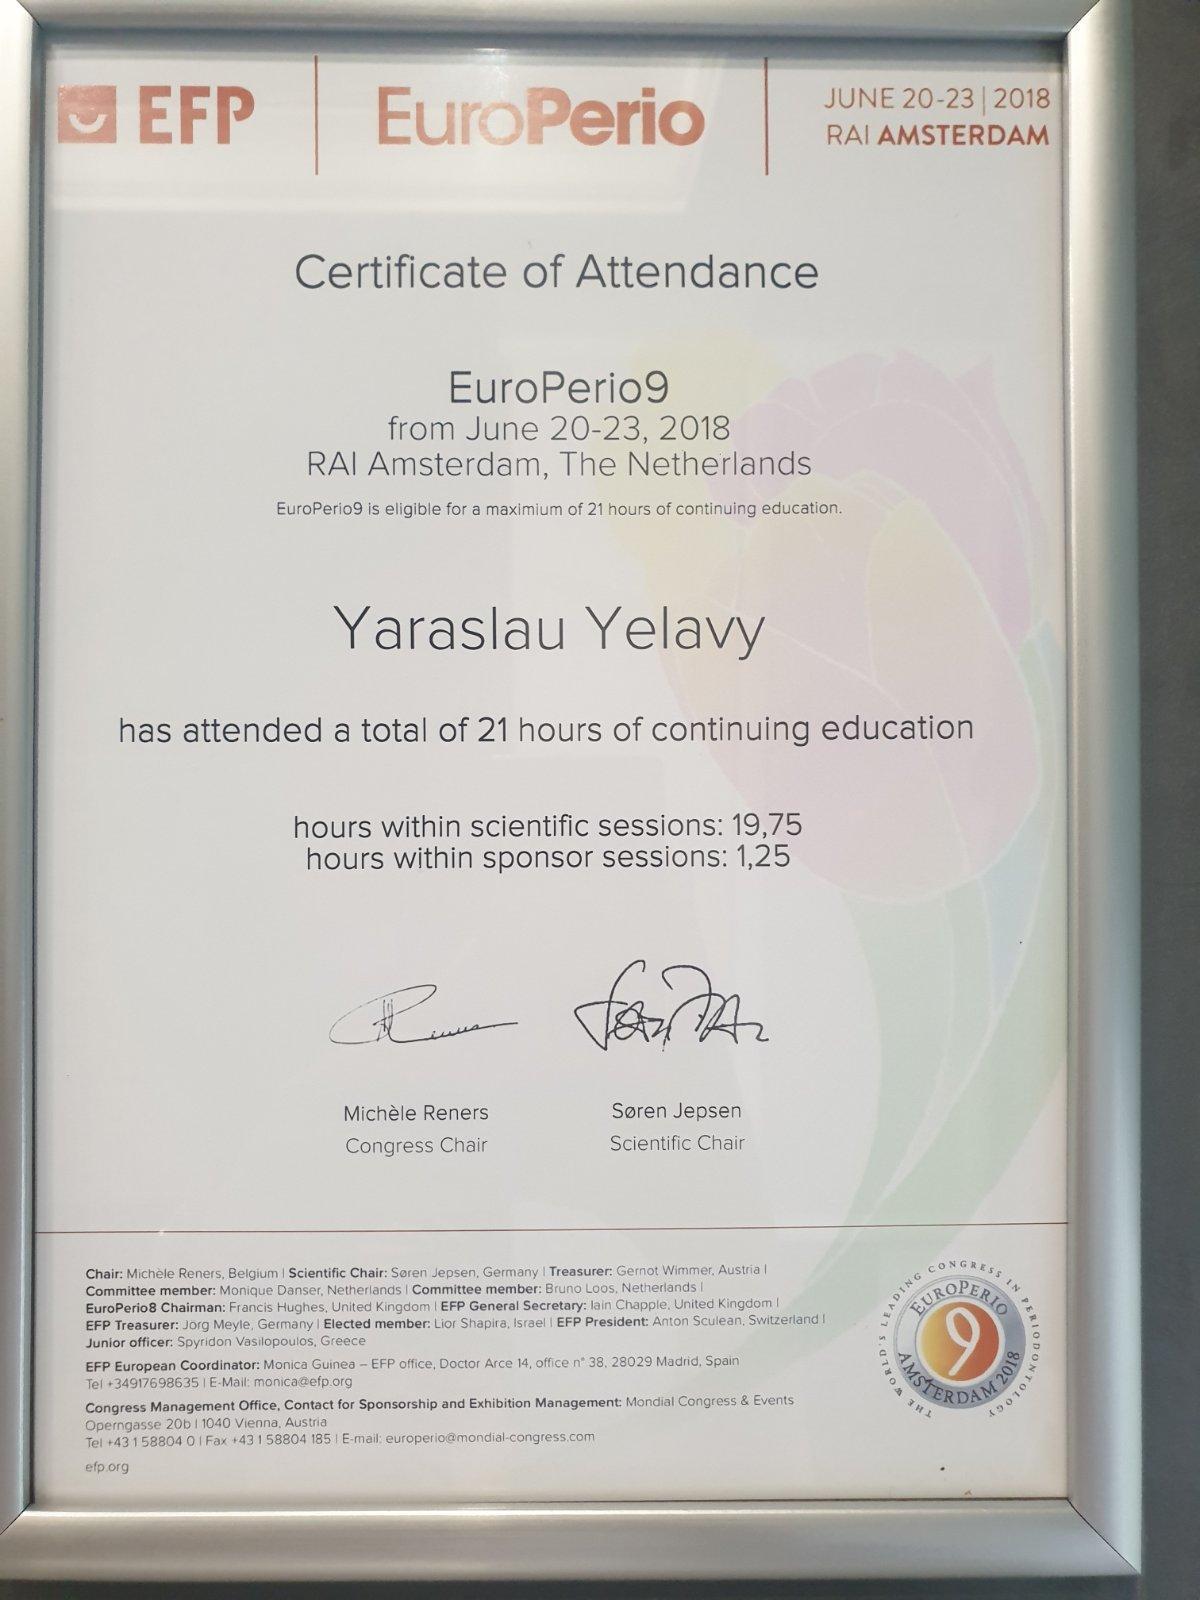 Сертификат выданный Еловому Ярославу Михайловичу о прохождении курса по повышению квалификации - EuroPerio9. Образовательный центр EFP Амстердам 2018 год